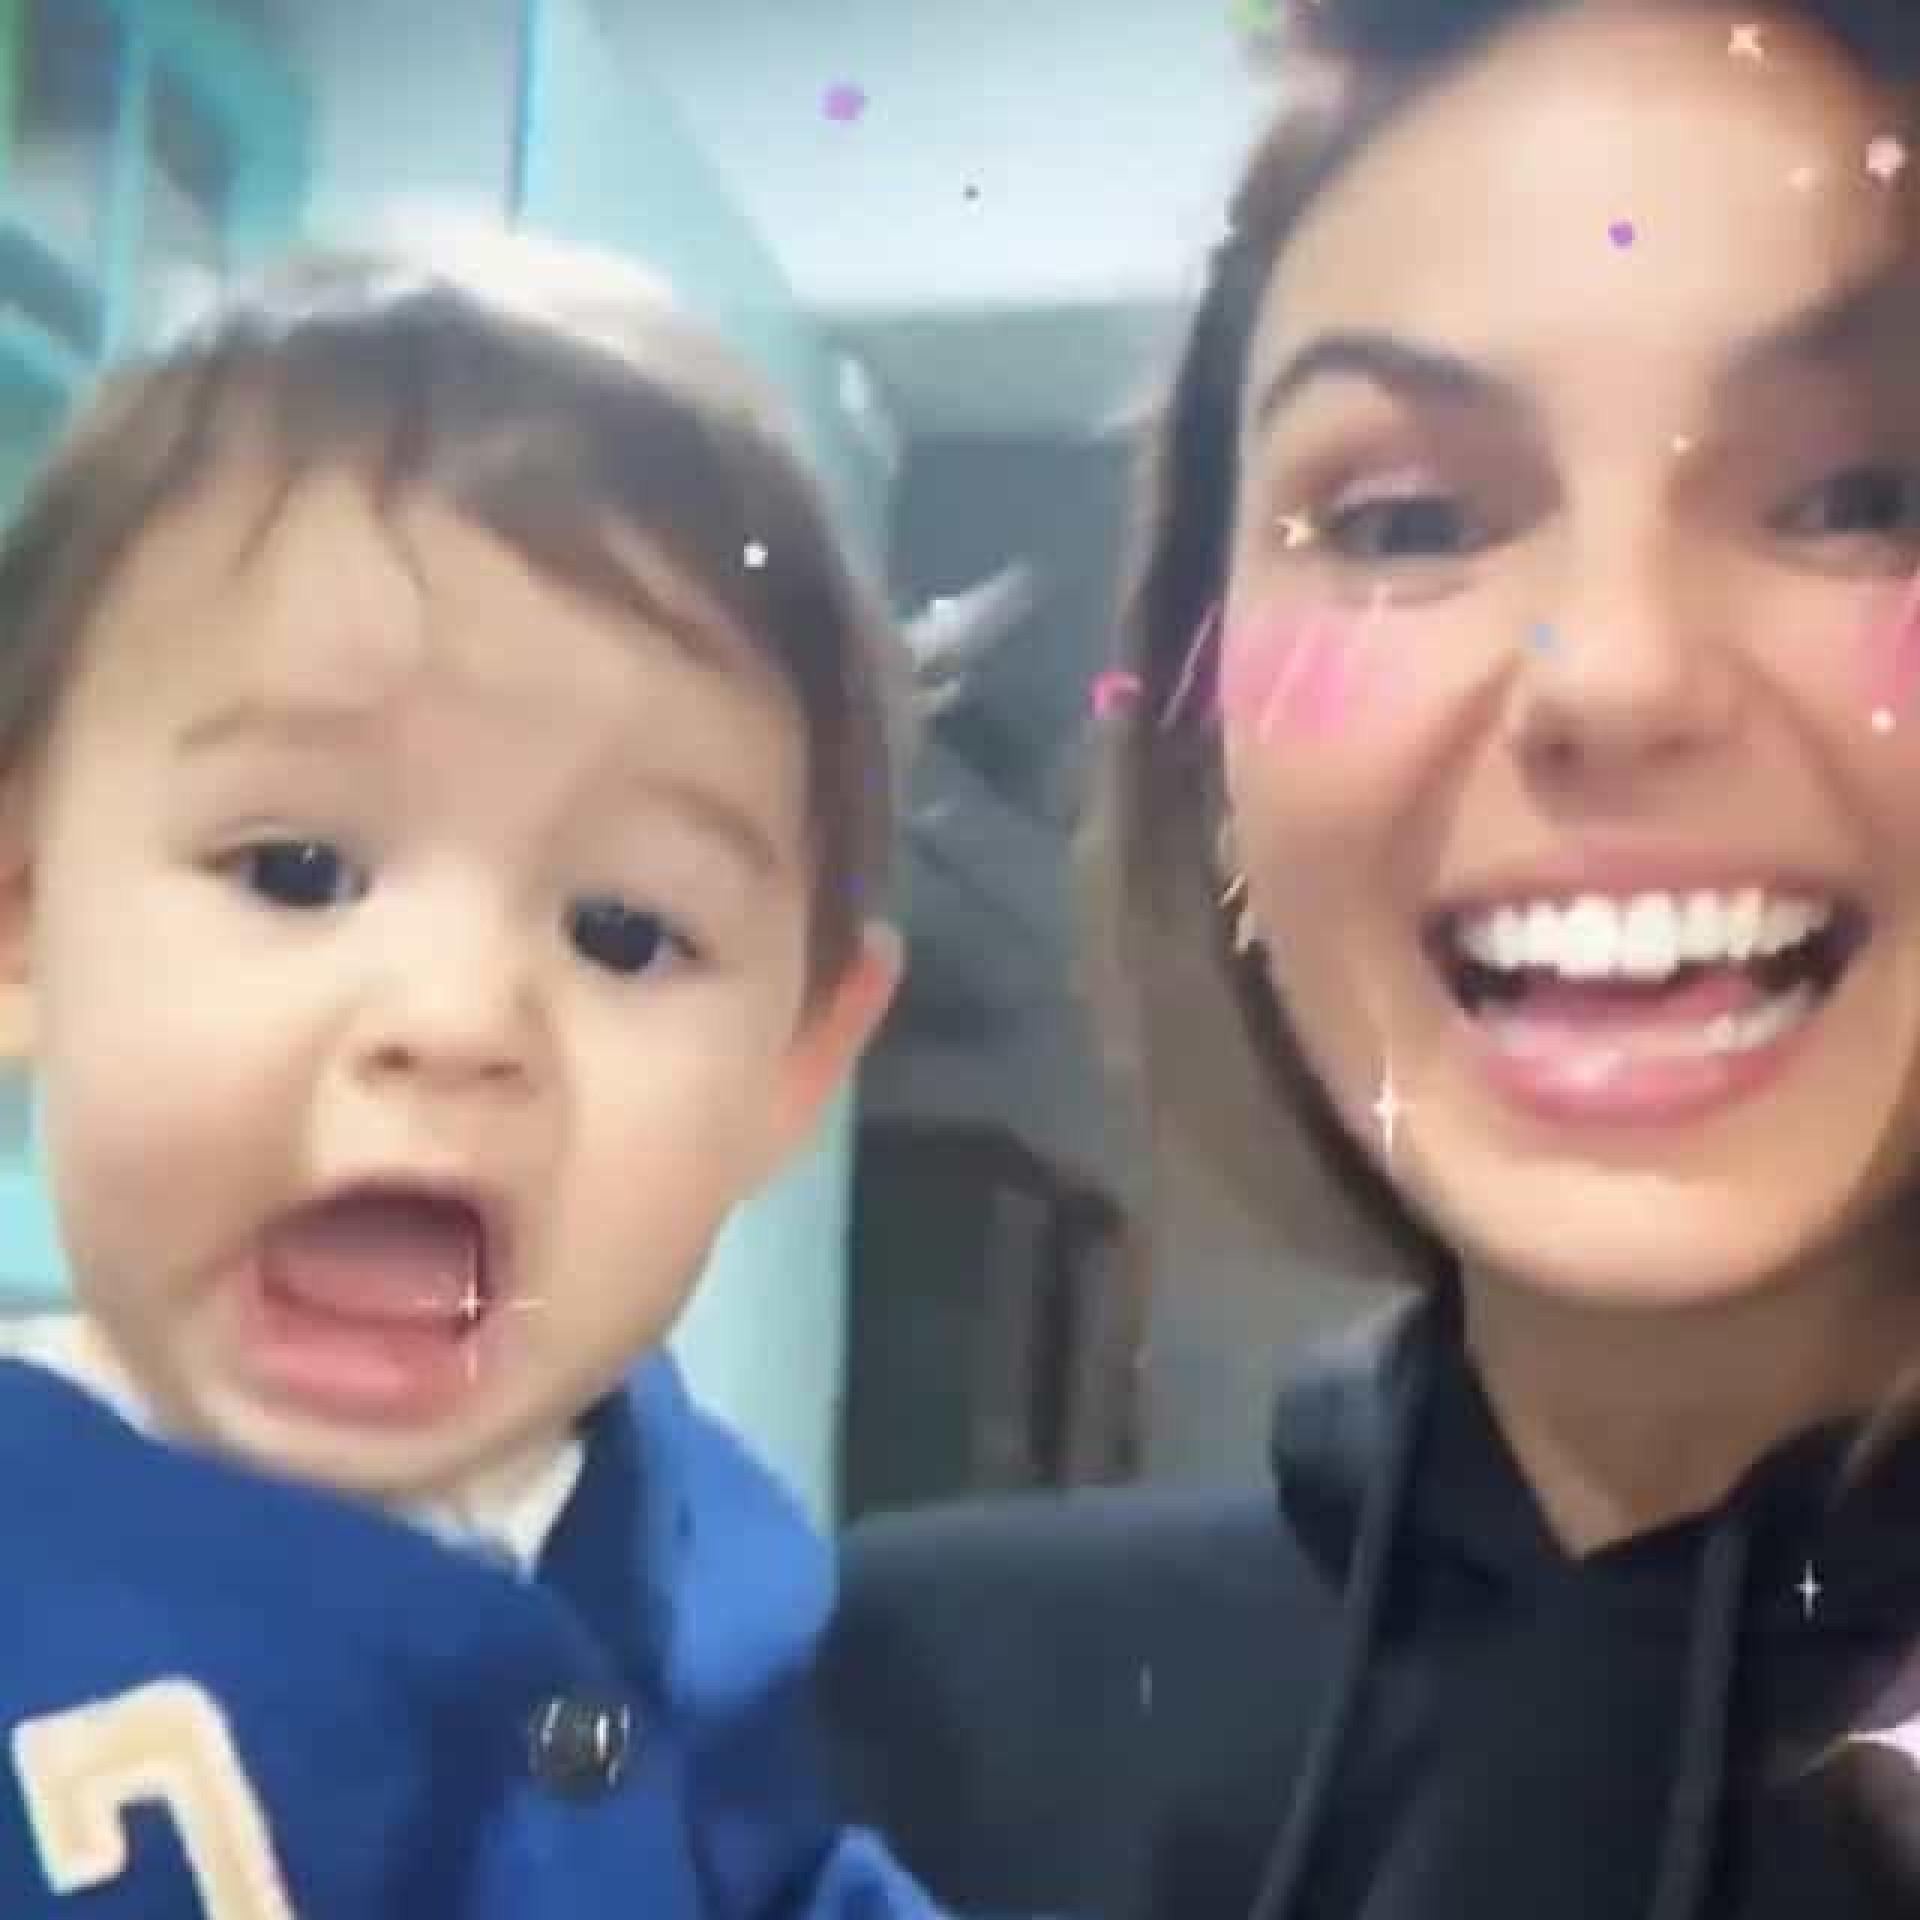 Filho de atriz Isis Valverde faz as delícias dos fãs em vídeo ternurento